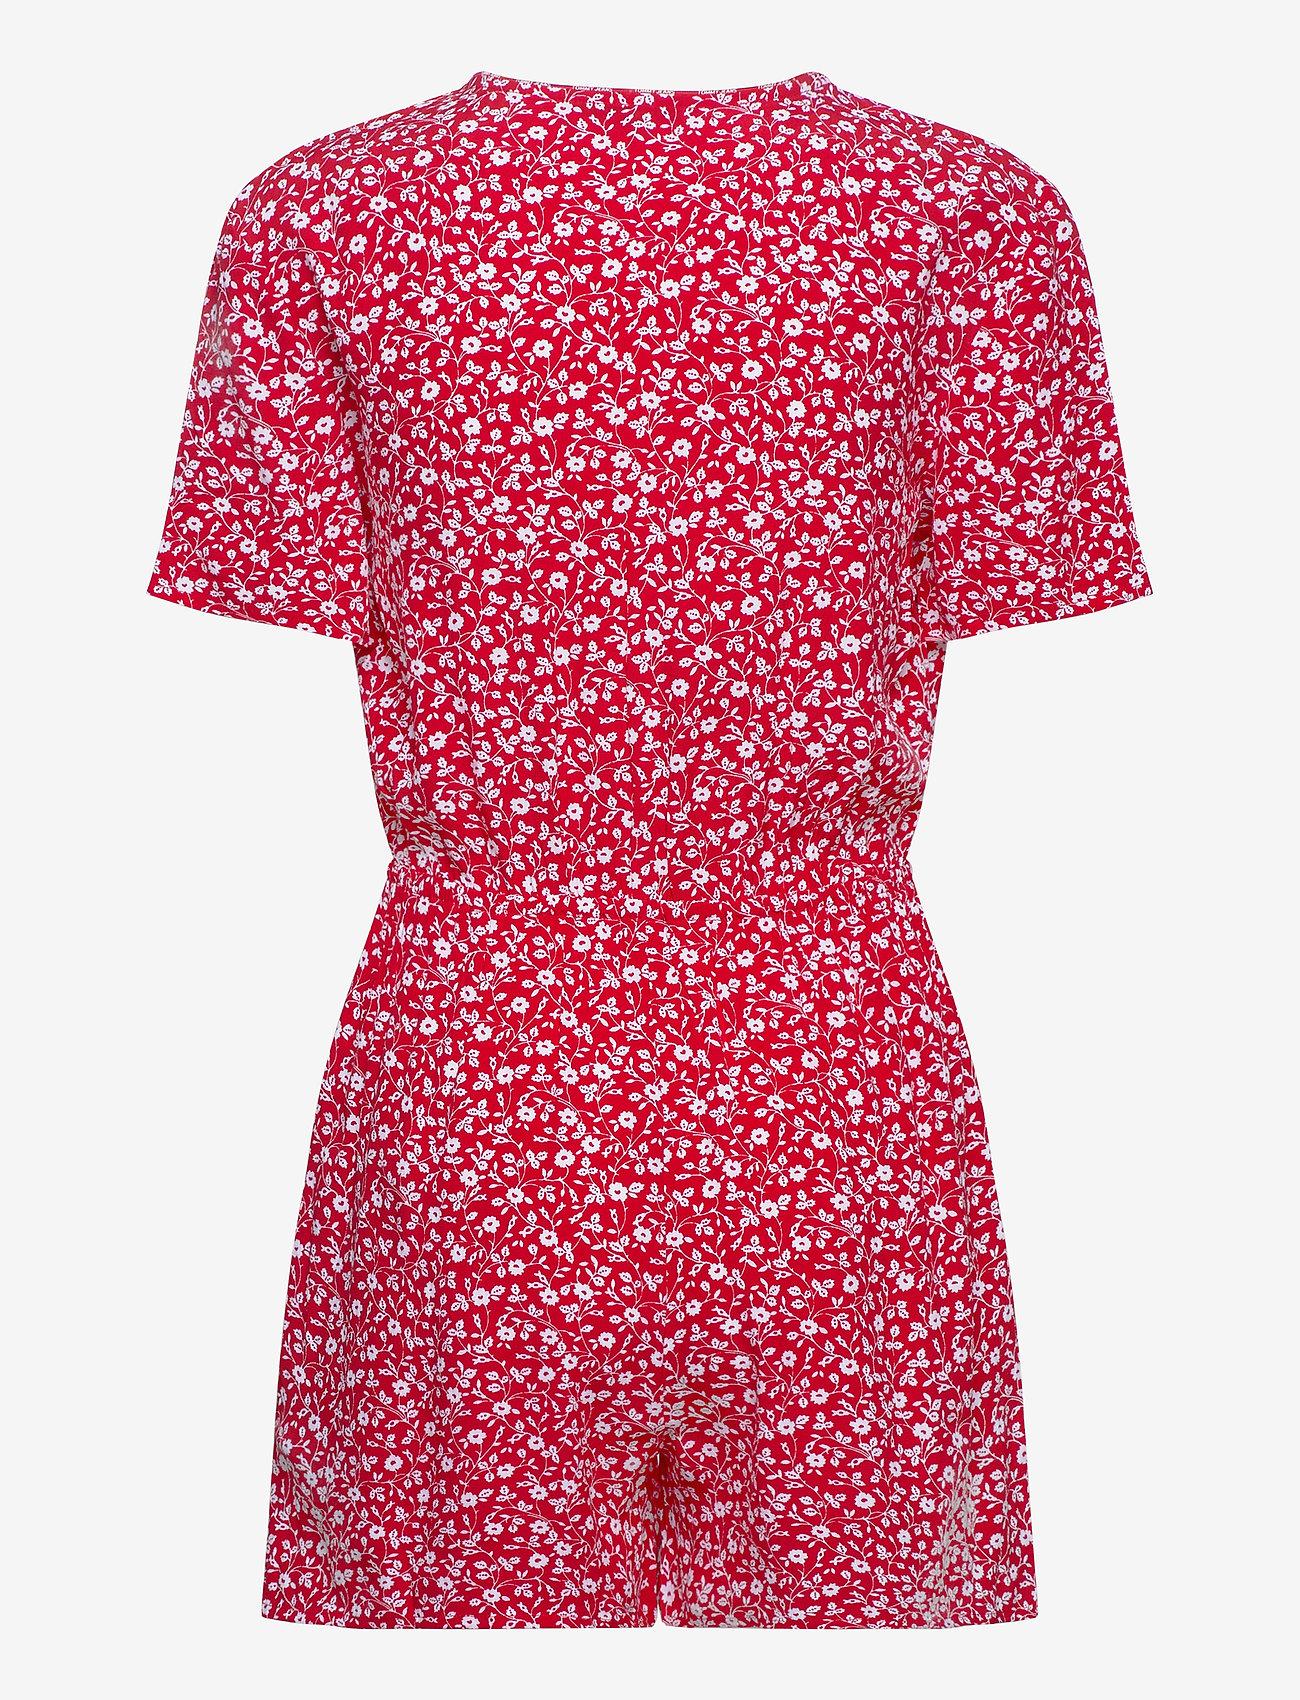 Tommy Jeans - TJW FLORAL PLAYSUIT - jumpsuits - floral print / deep crimson - 1